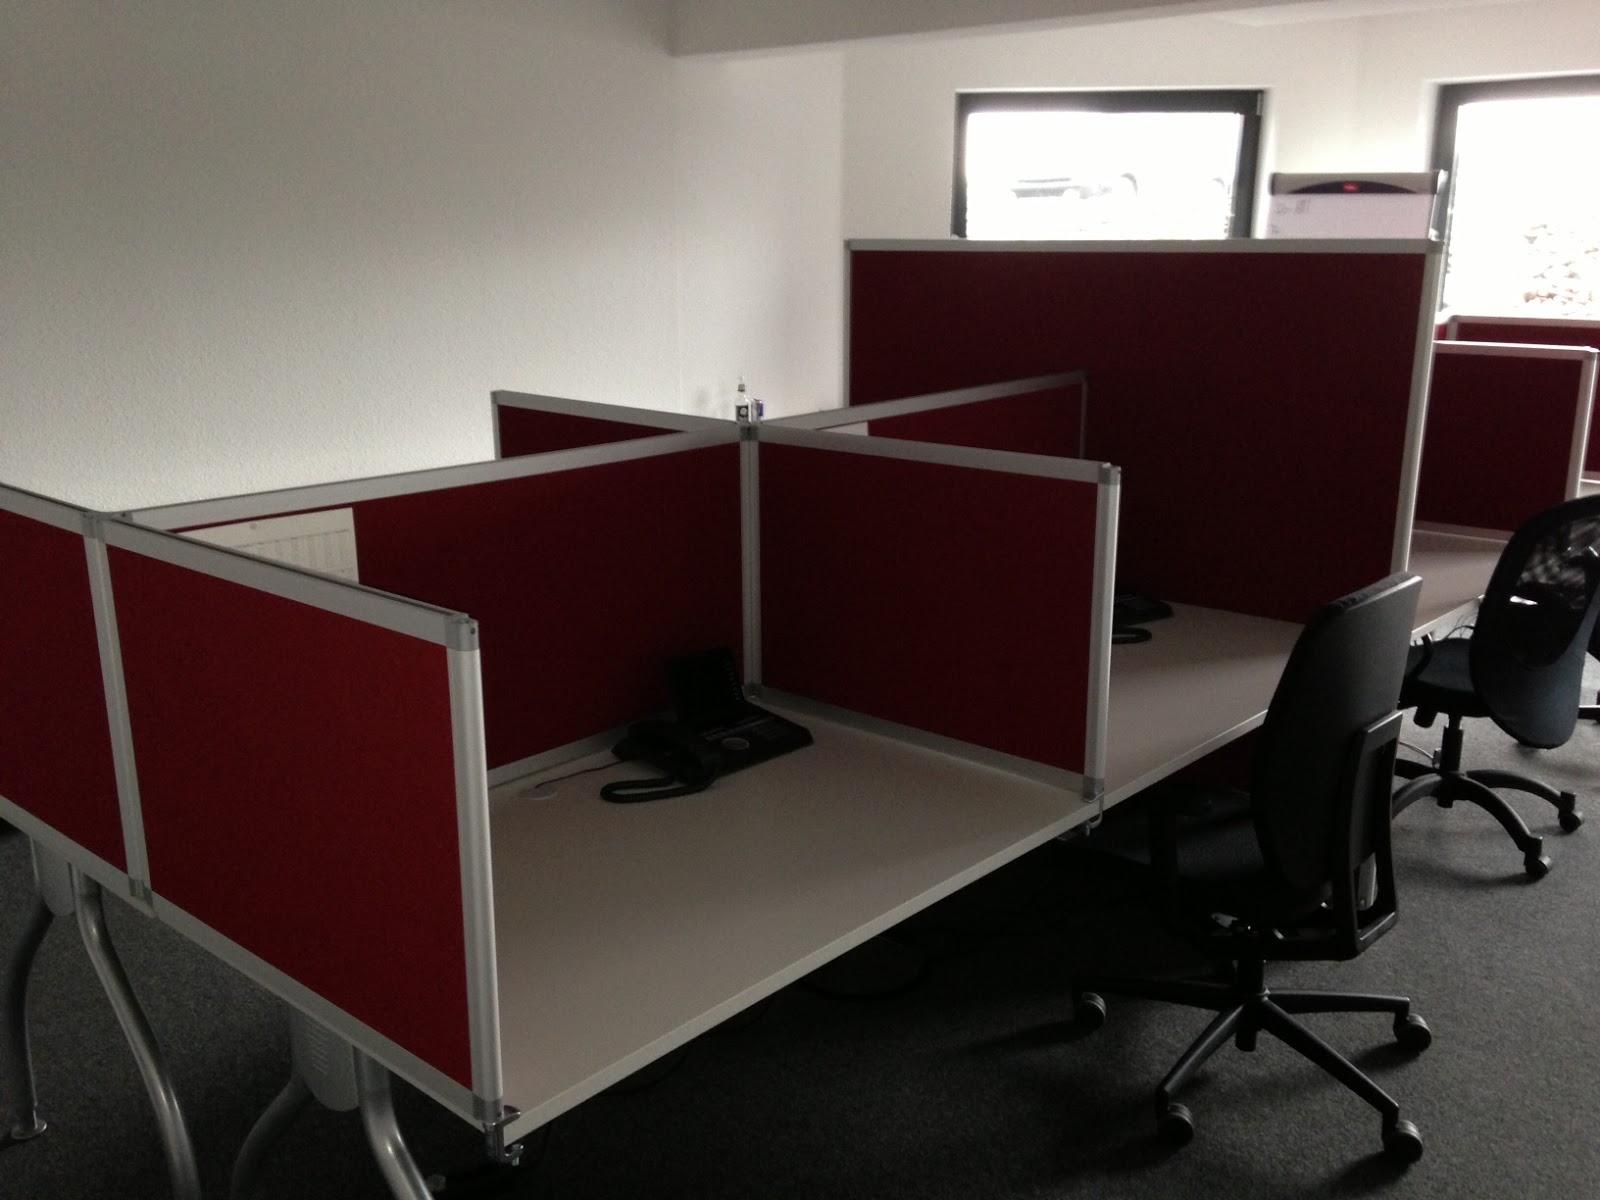 M Bel Dortmund colour up your office gebrauchte büromöbel und call center möbel jetzt aus dortmund kaufen